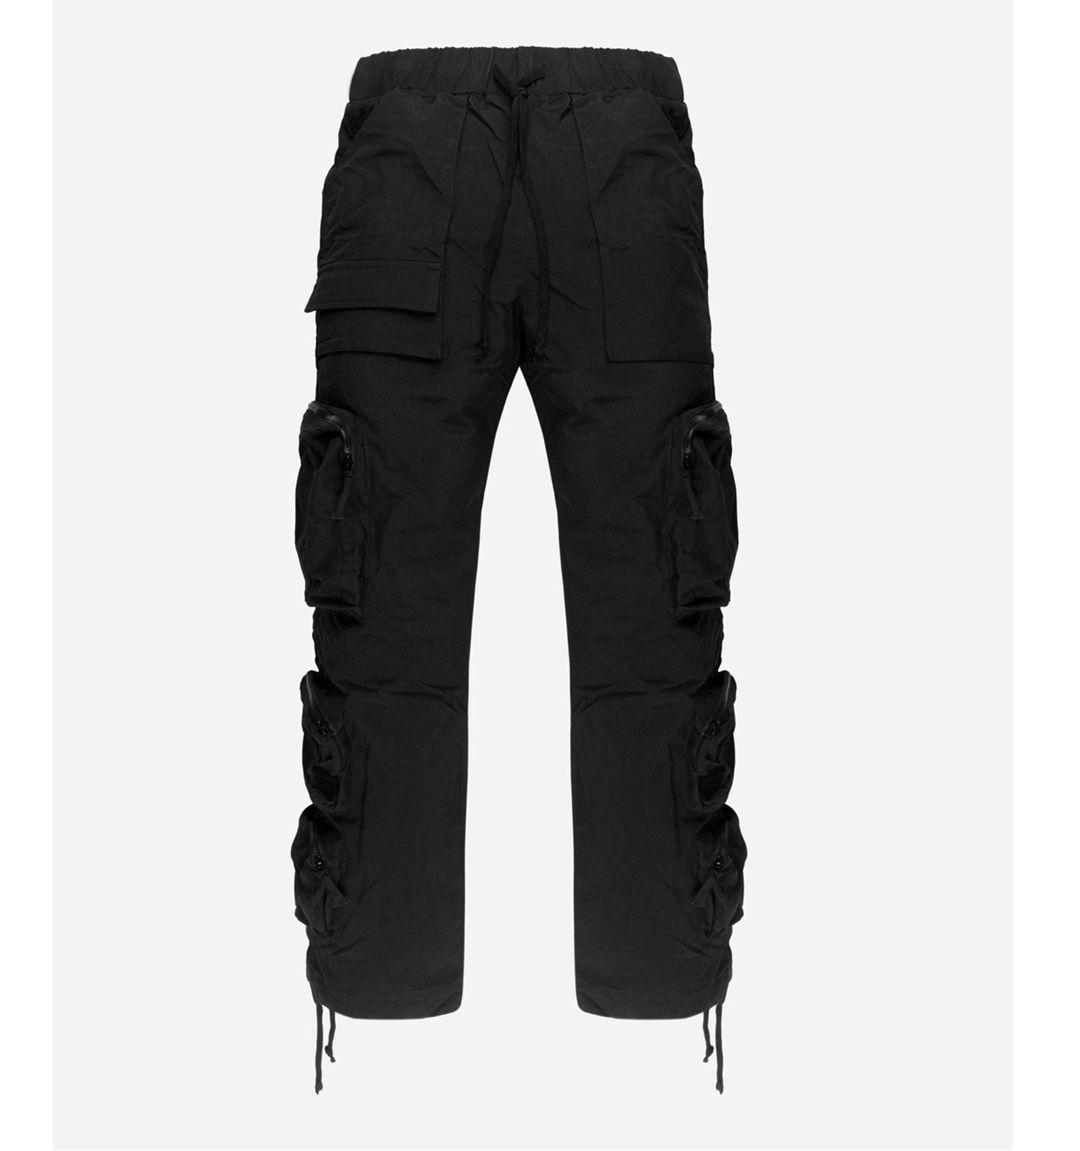 Мужские брюки мужские дизайнера Whoisjacov High Street Функция нейлоновая инструментальная ремень Свободная повседневная мода фитнес